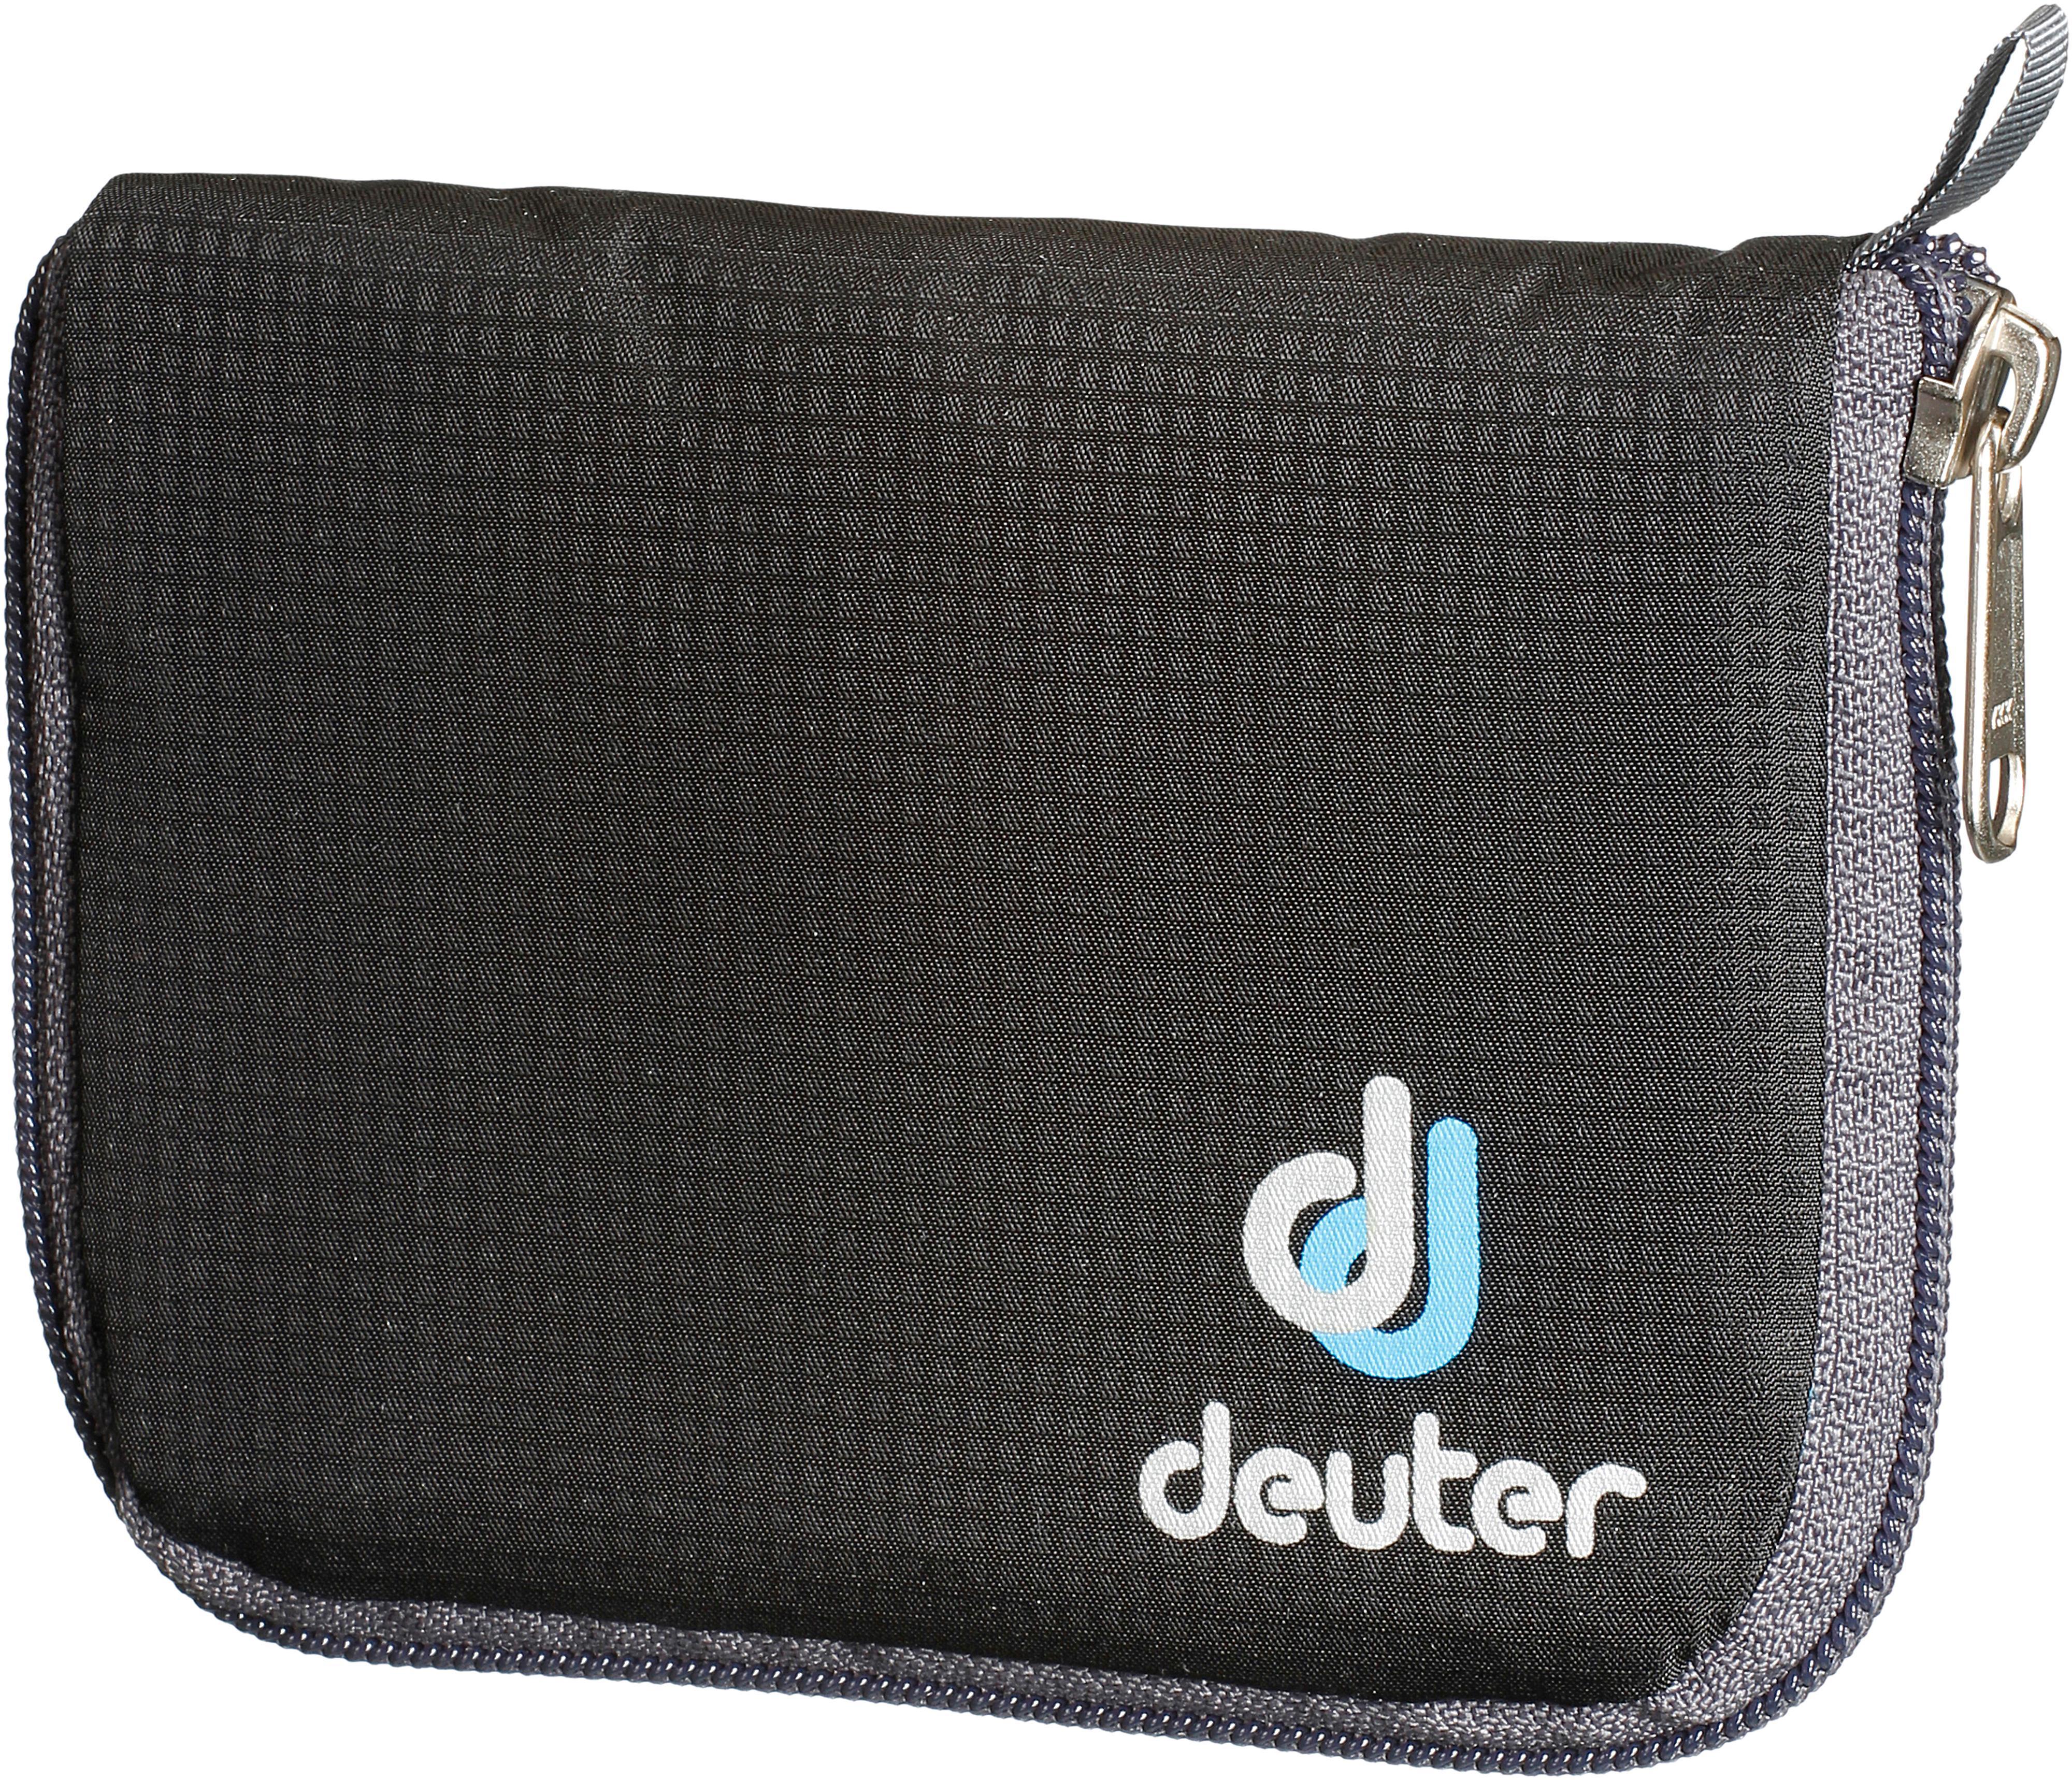 527676b2a6409 Deuter Geldbeutel black im Online Shop von SportScheck kaufen